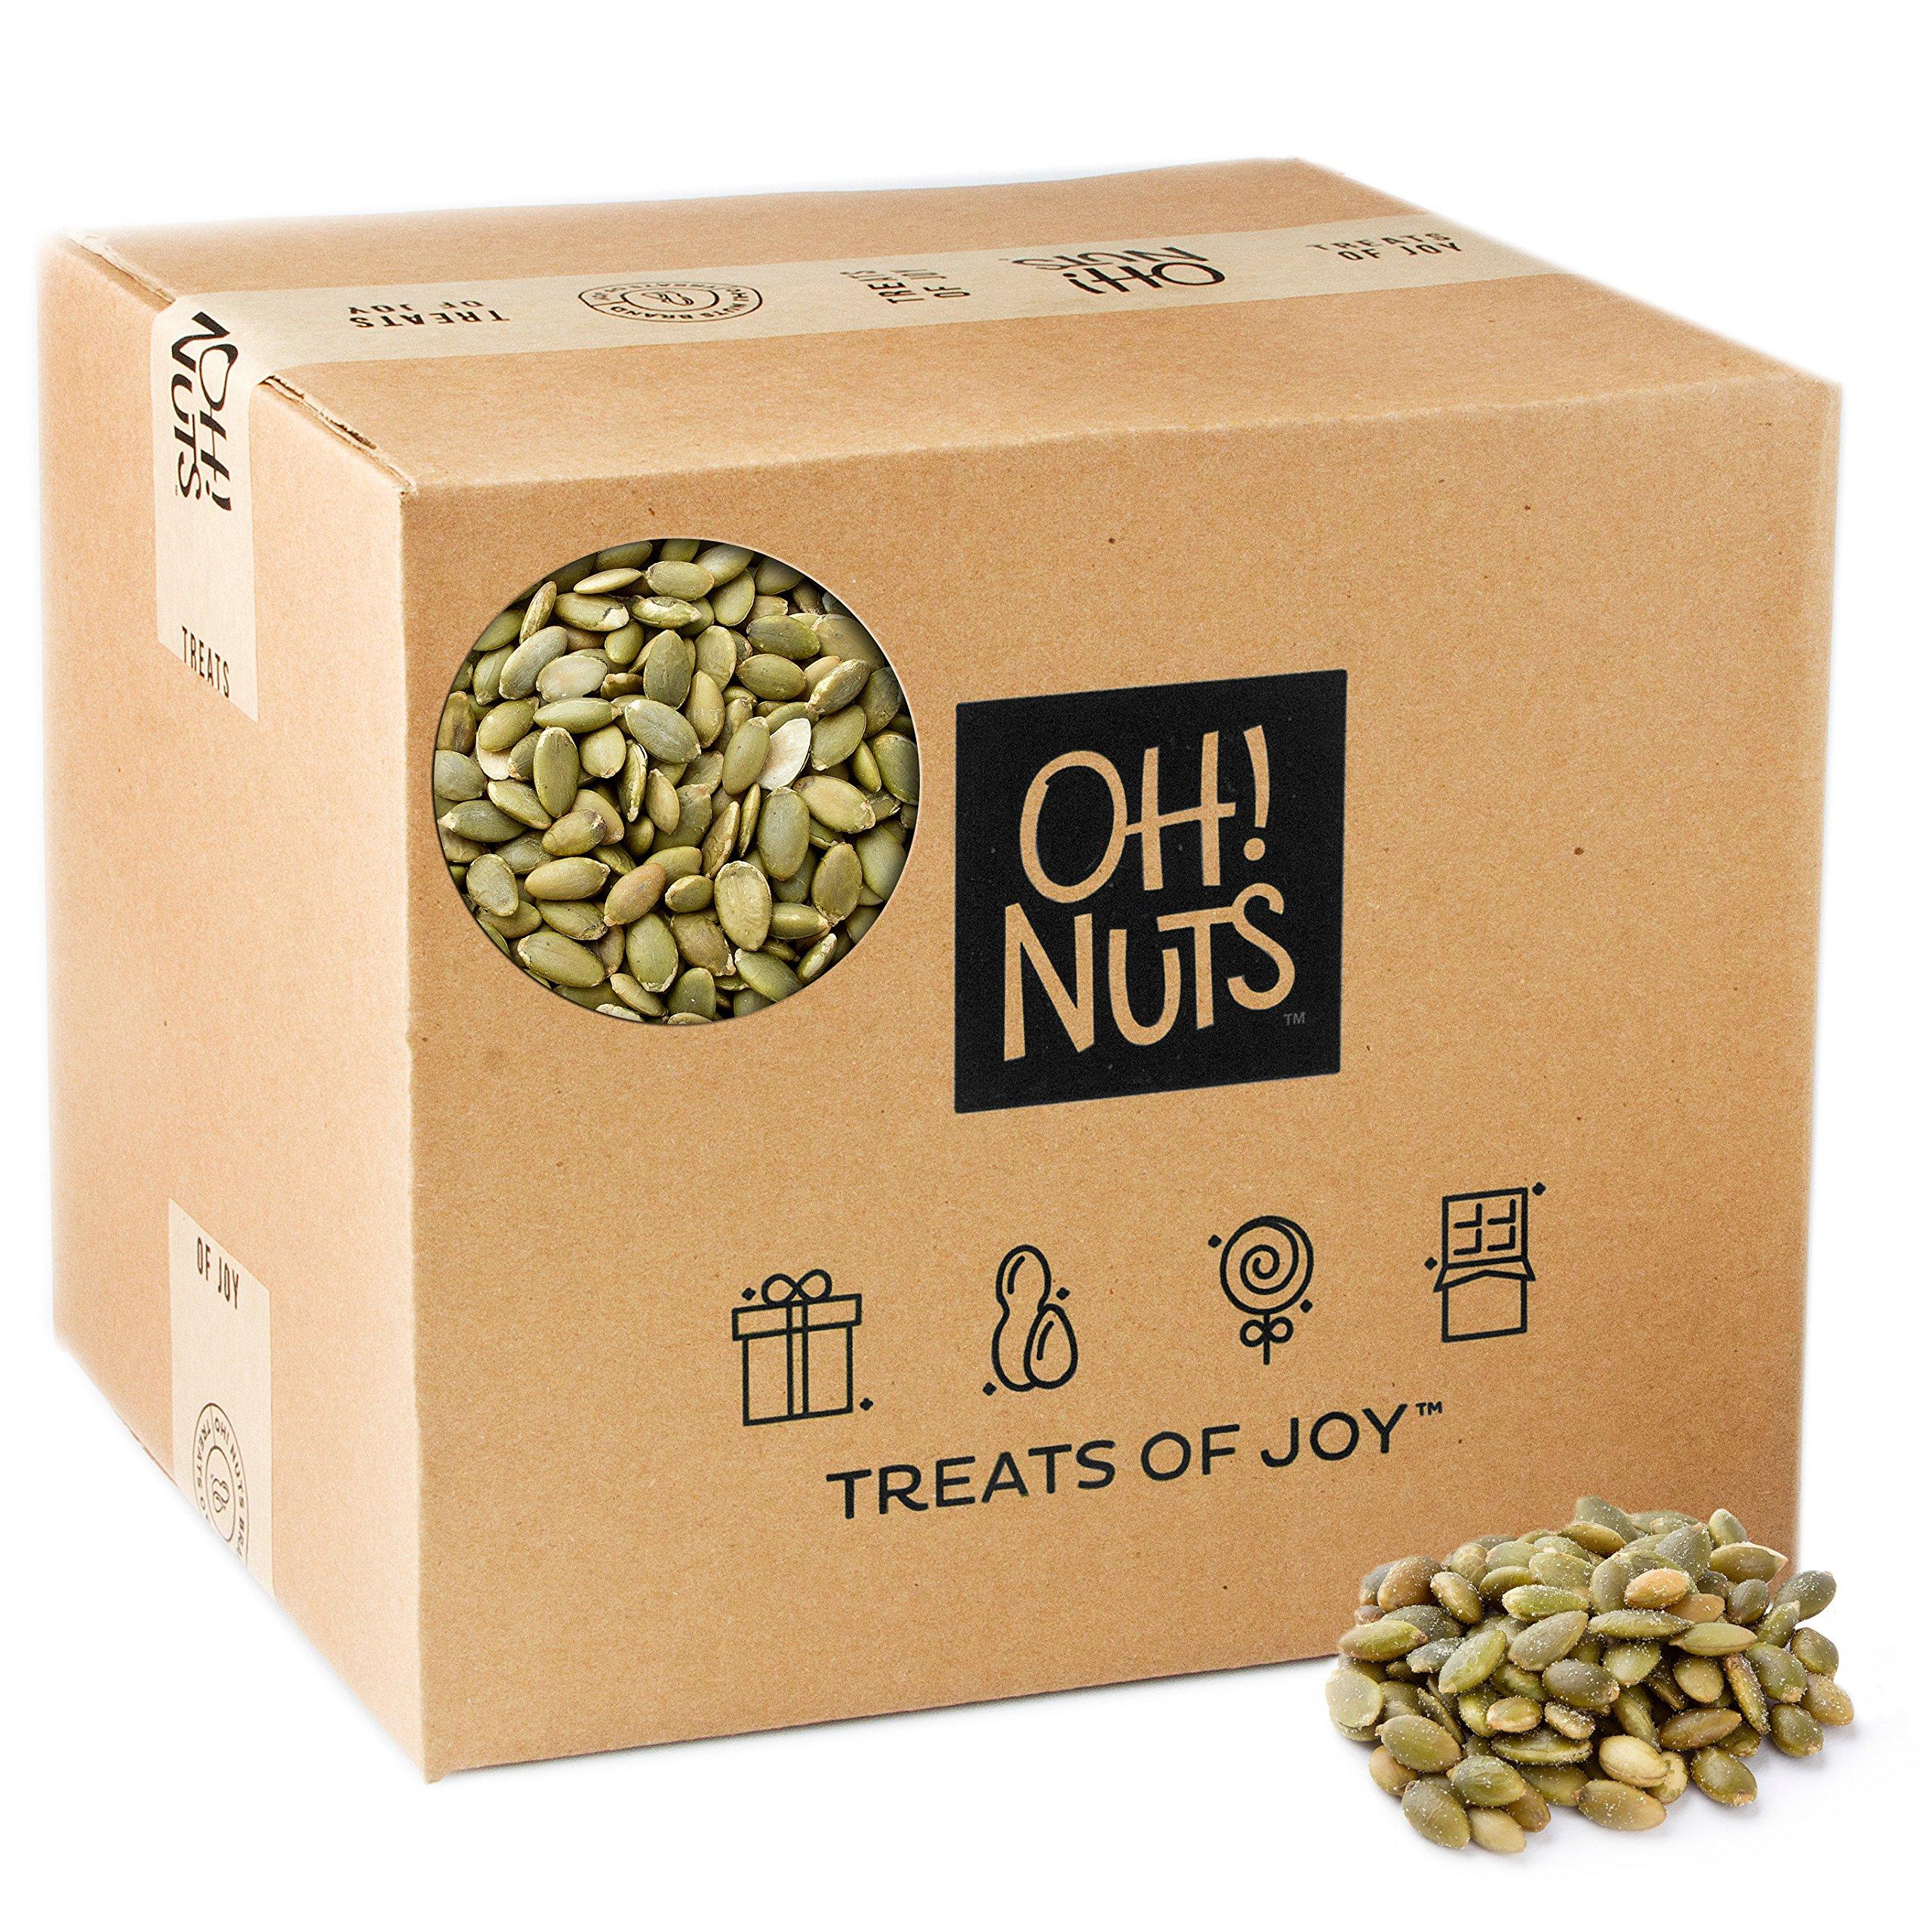 Pumpkin Seeds Pepitas Dry Roasted Unsalted, Pepitas Pumpkin Seeds No Salt No OIl - Oh! Nuts (25 LB Pepitas Dry Roasted Unsalted) by Oh! Nuts®